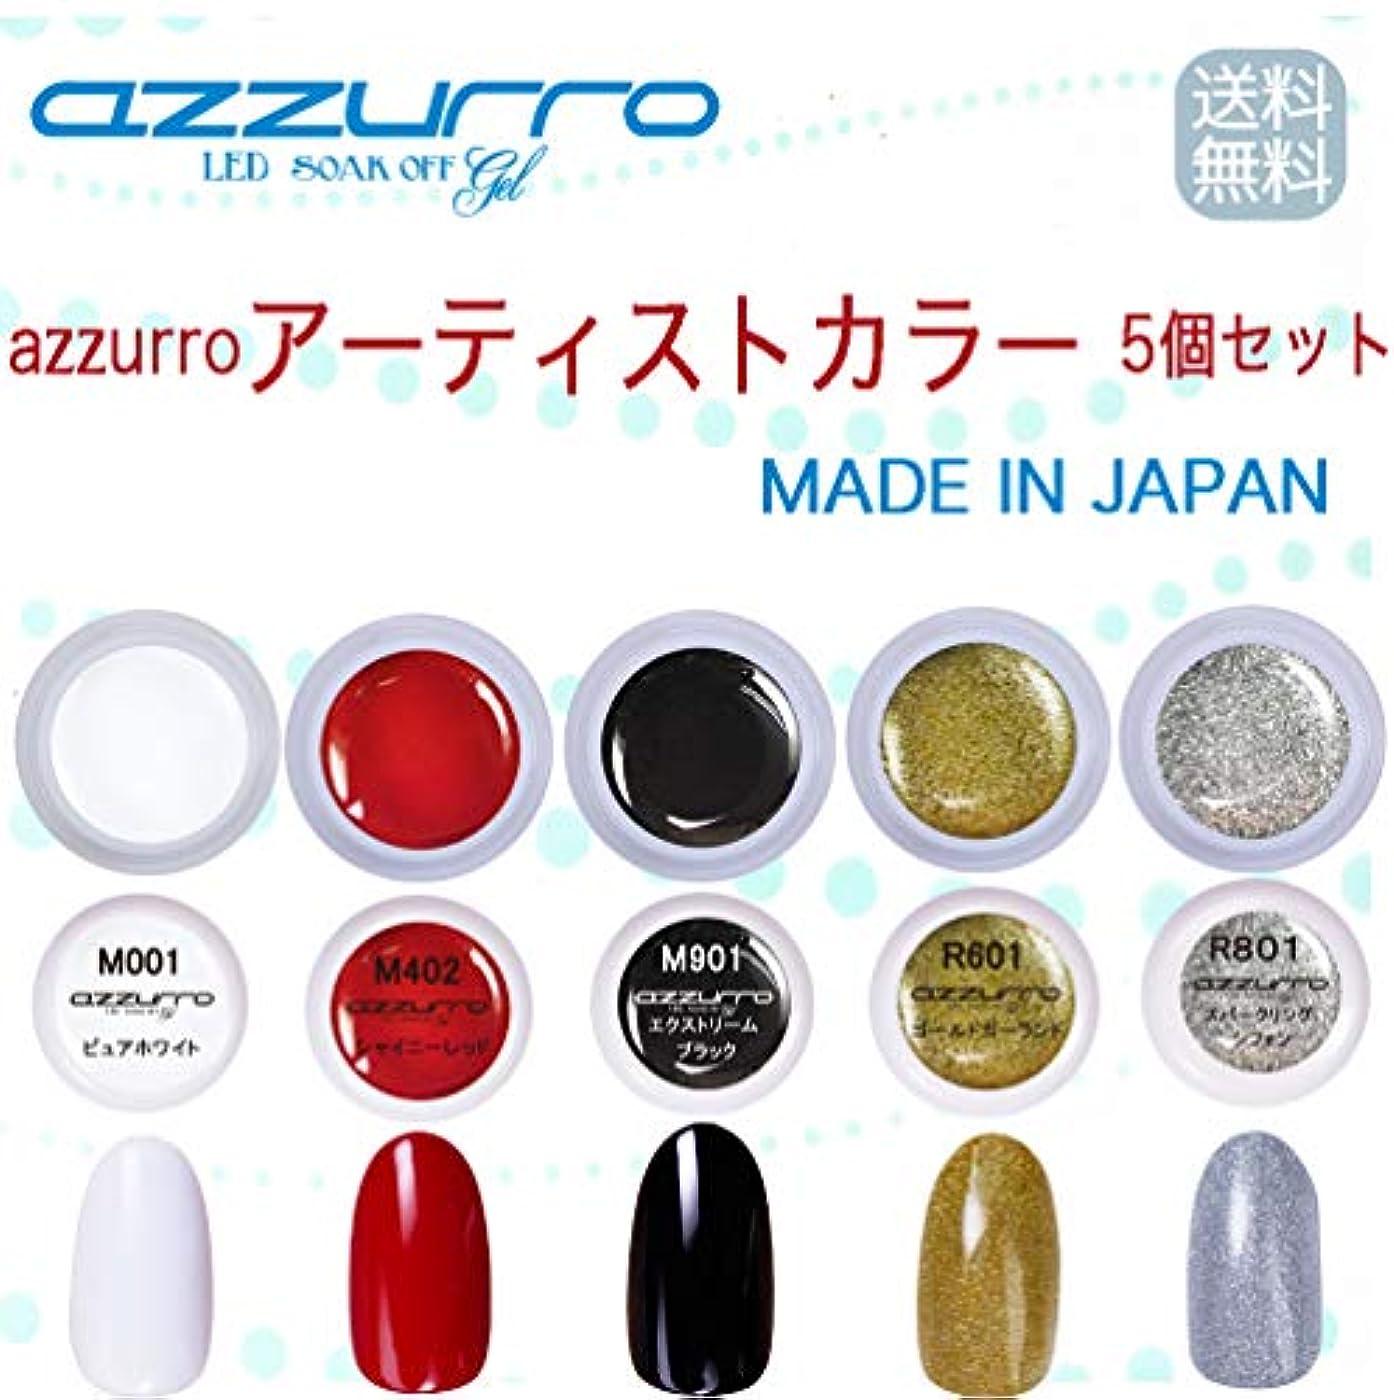 ベギン科学者わかりやすい【送料無料】日本製 azzurro gel アーティストカラージェル5個セット トレンドのラインアートにもピッタリなカラー